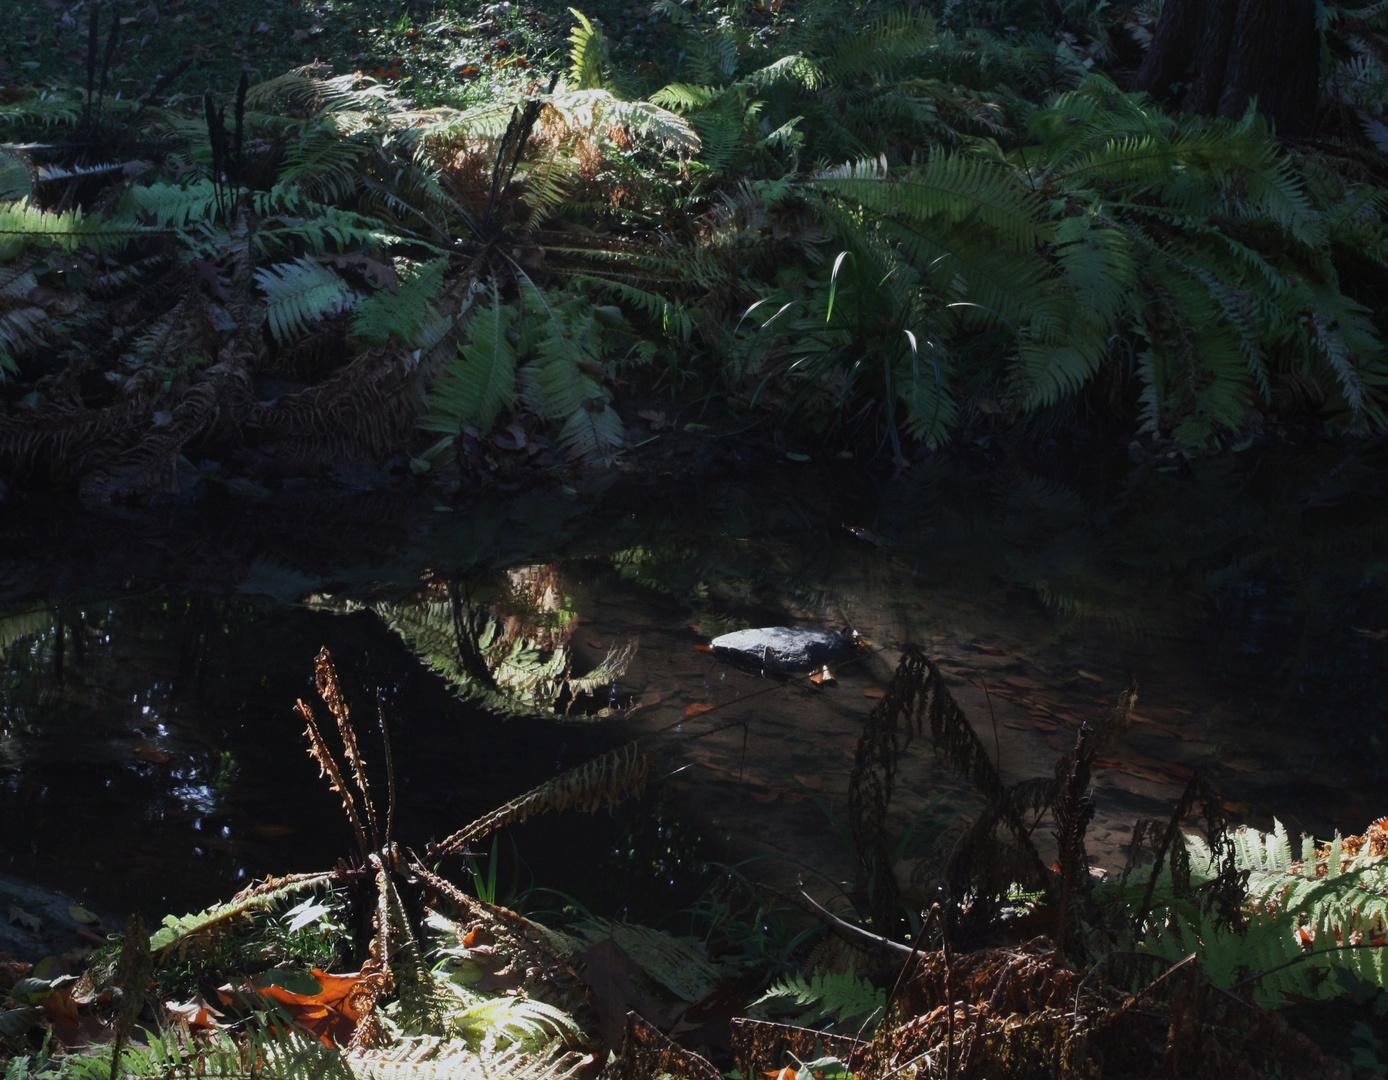 Près du ruisseau